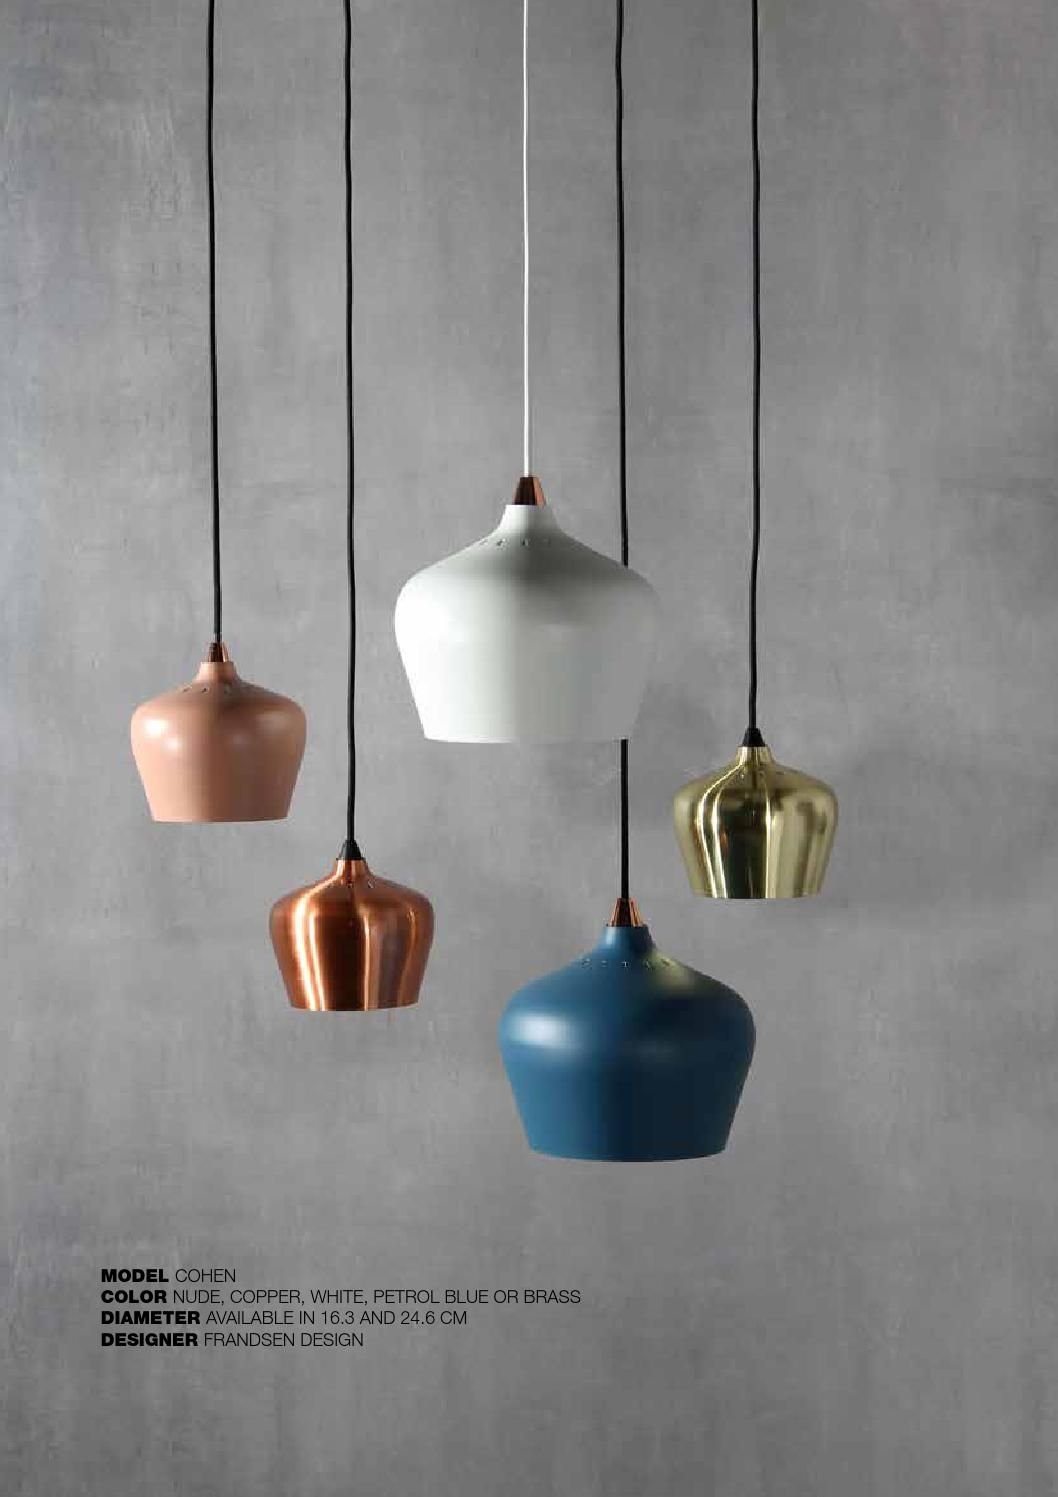 Frandsen catalogue 2015 lr Frandsen Lighting A/S Catalogue 2015